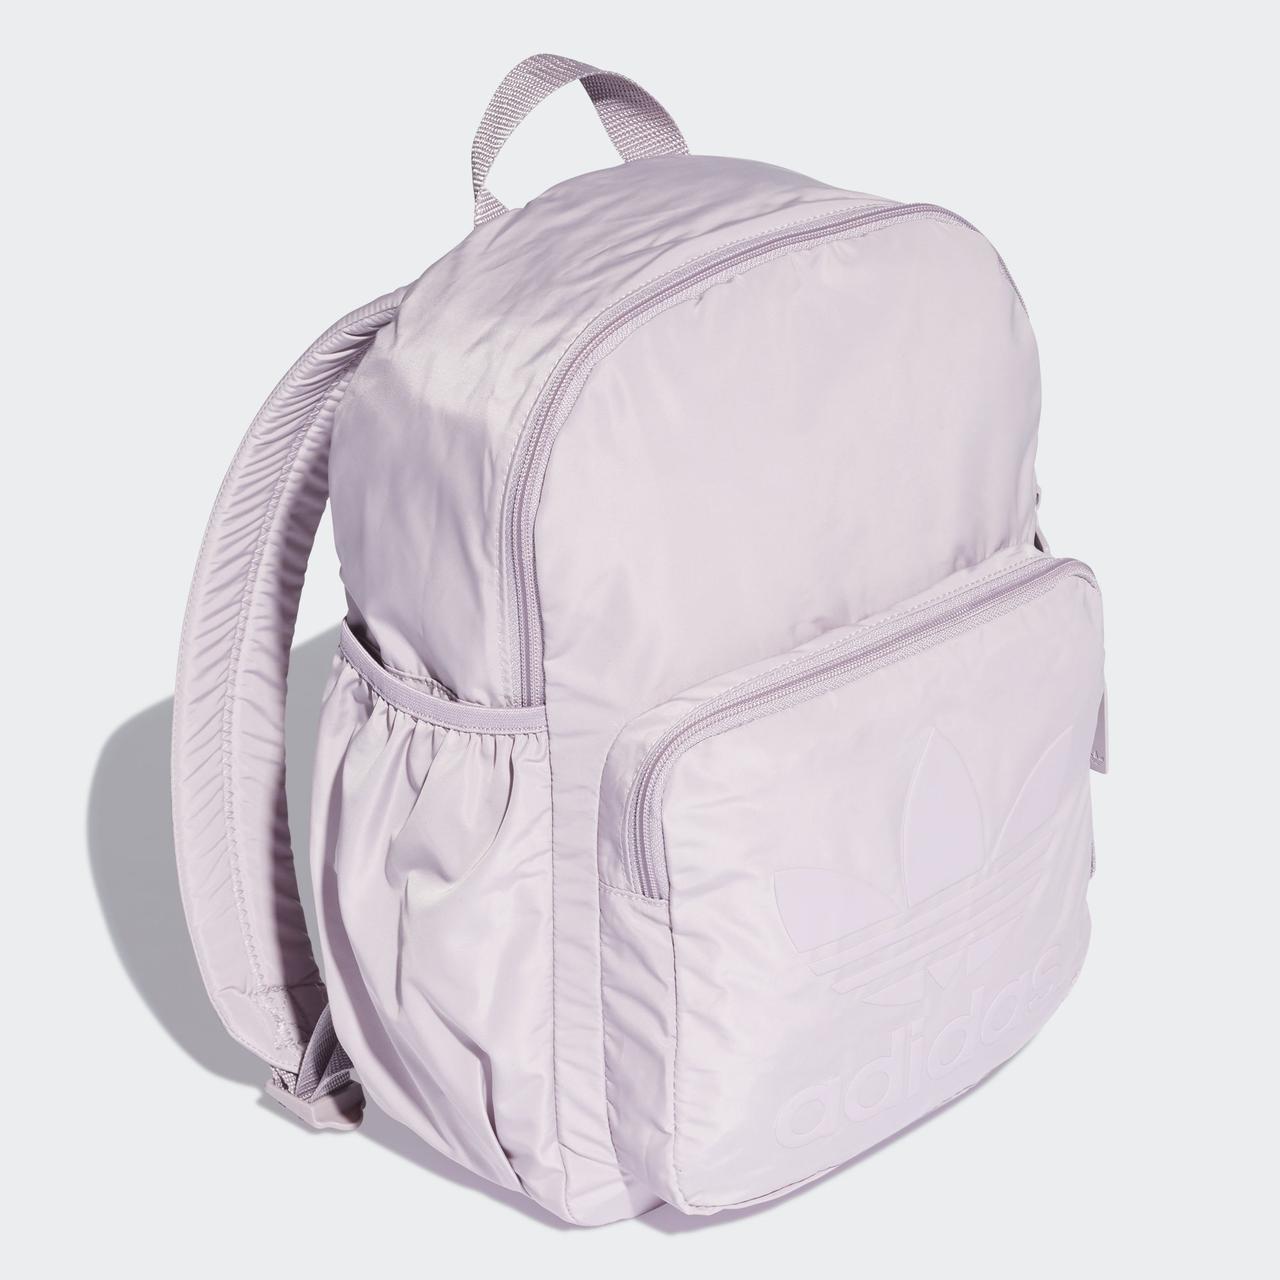 Рюкзак adidas Classic Backpack Medium DV0215 - 2019  продажа 4682261b1a500